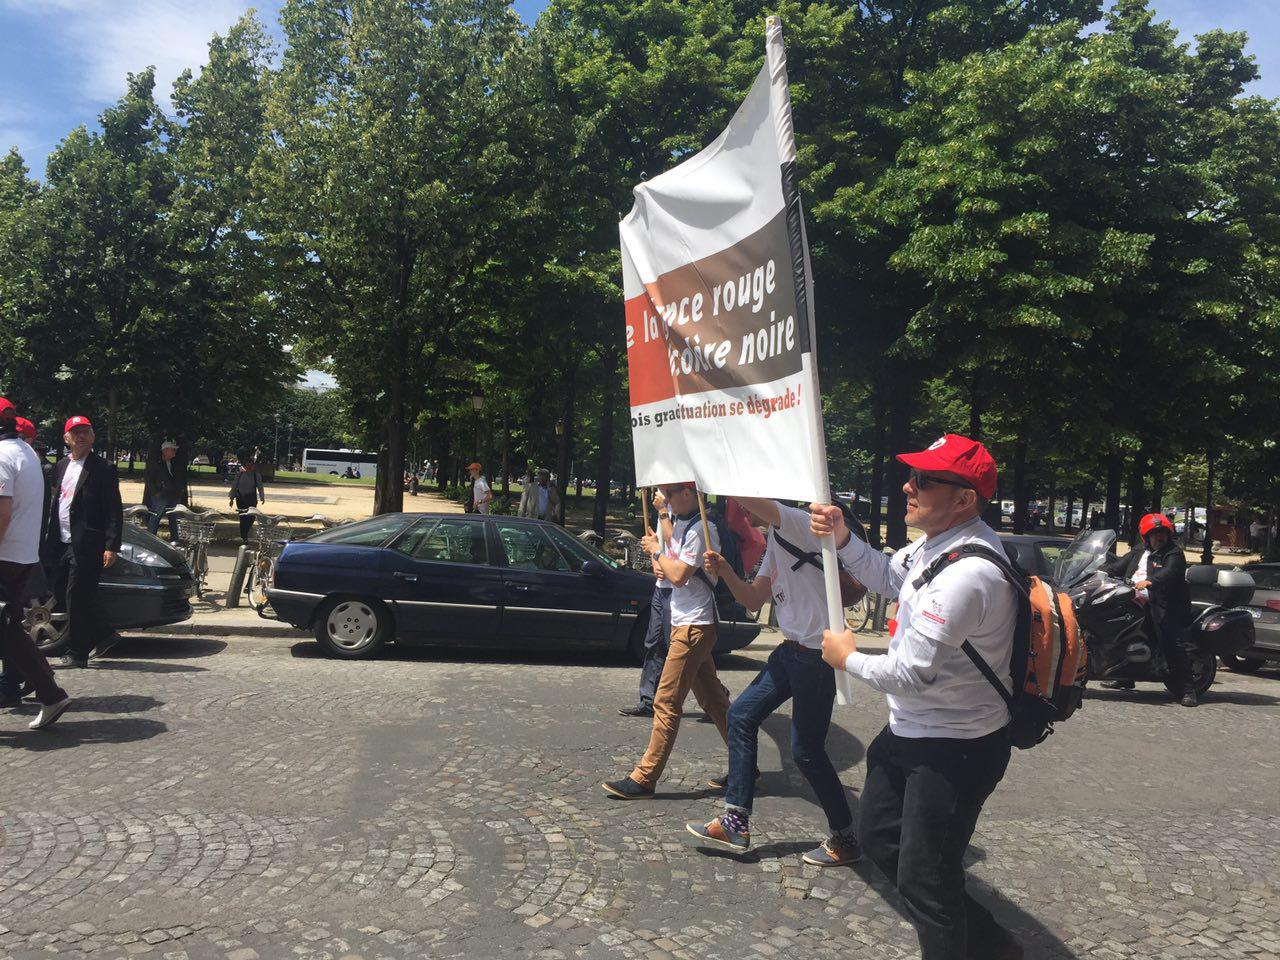 Экологи Франции присоединились к протестам. Видео